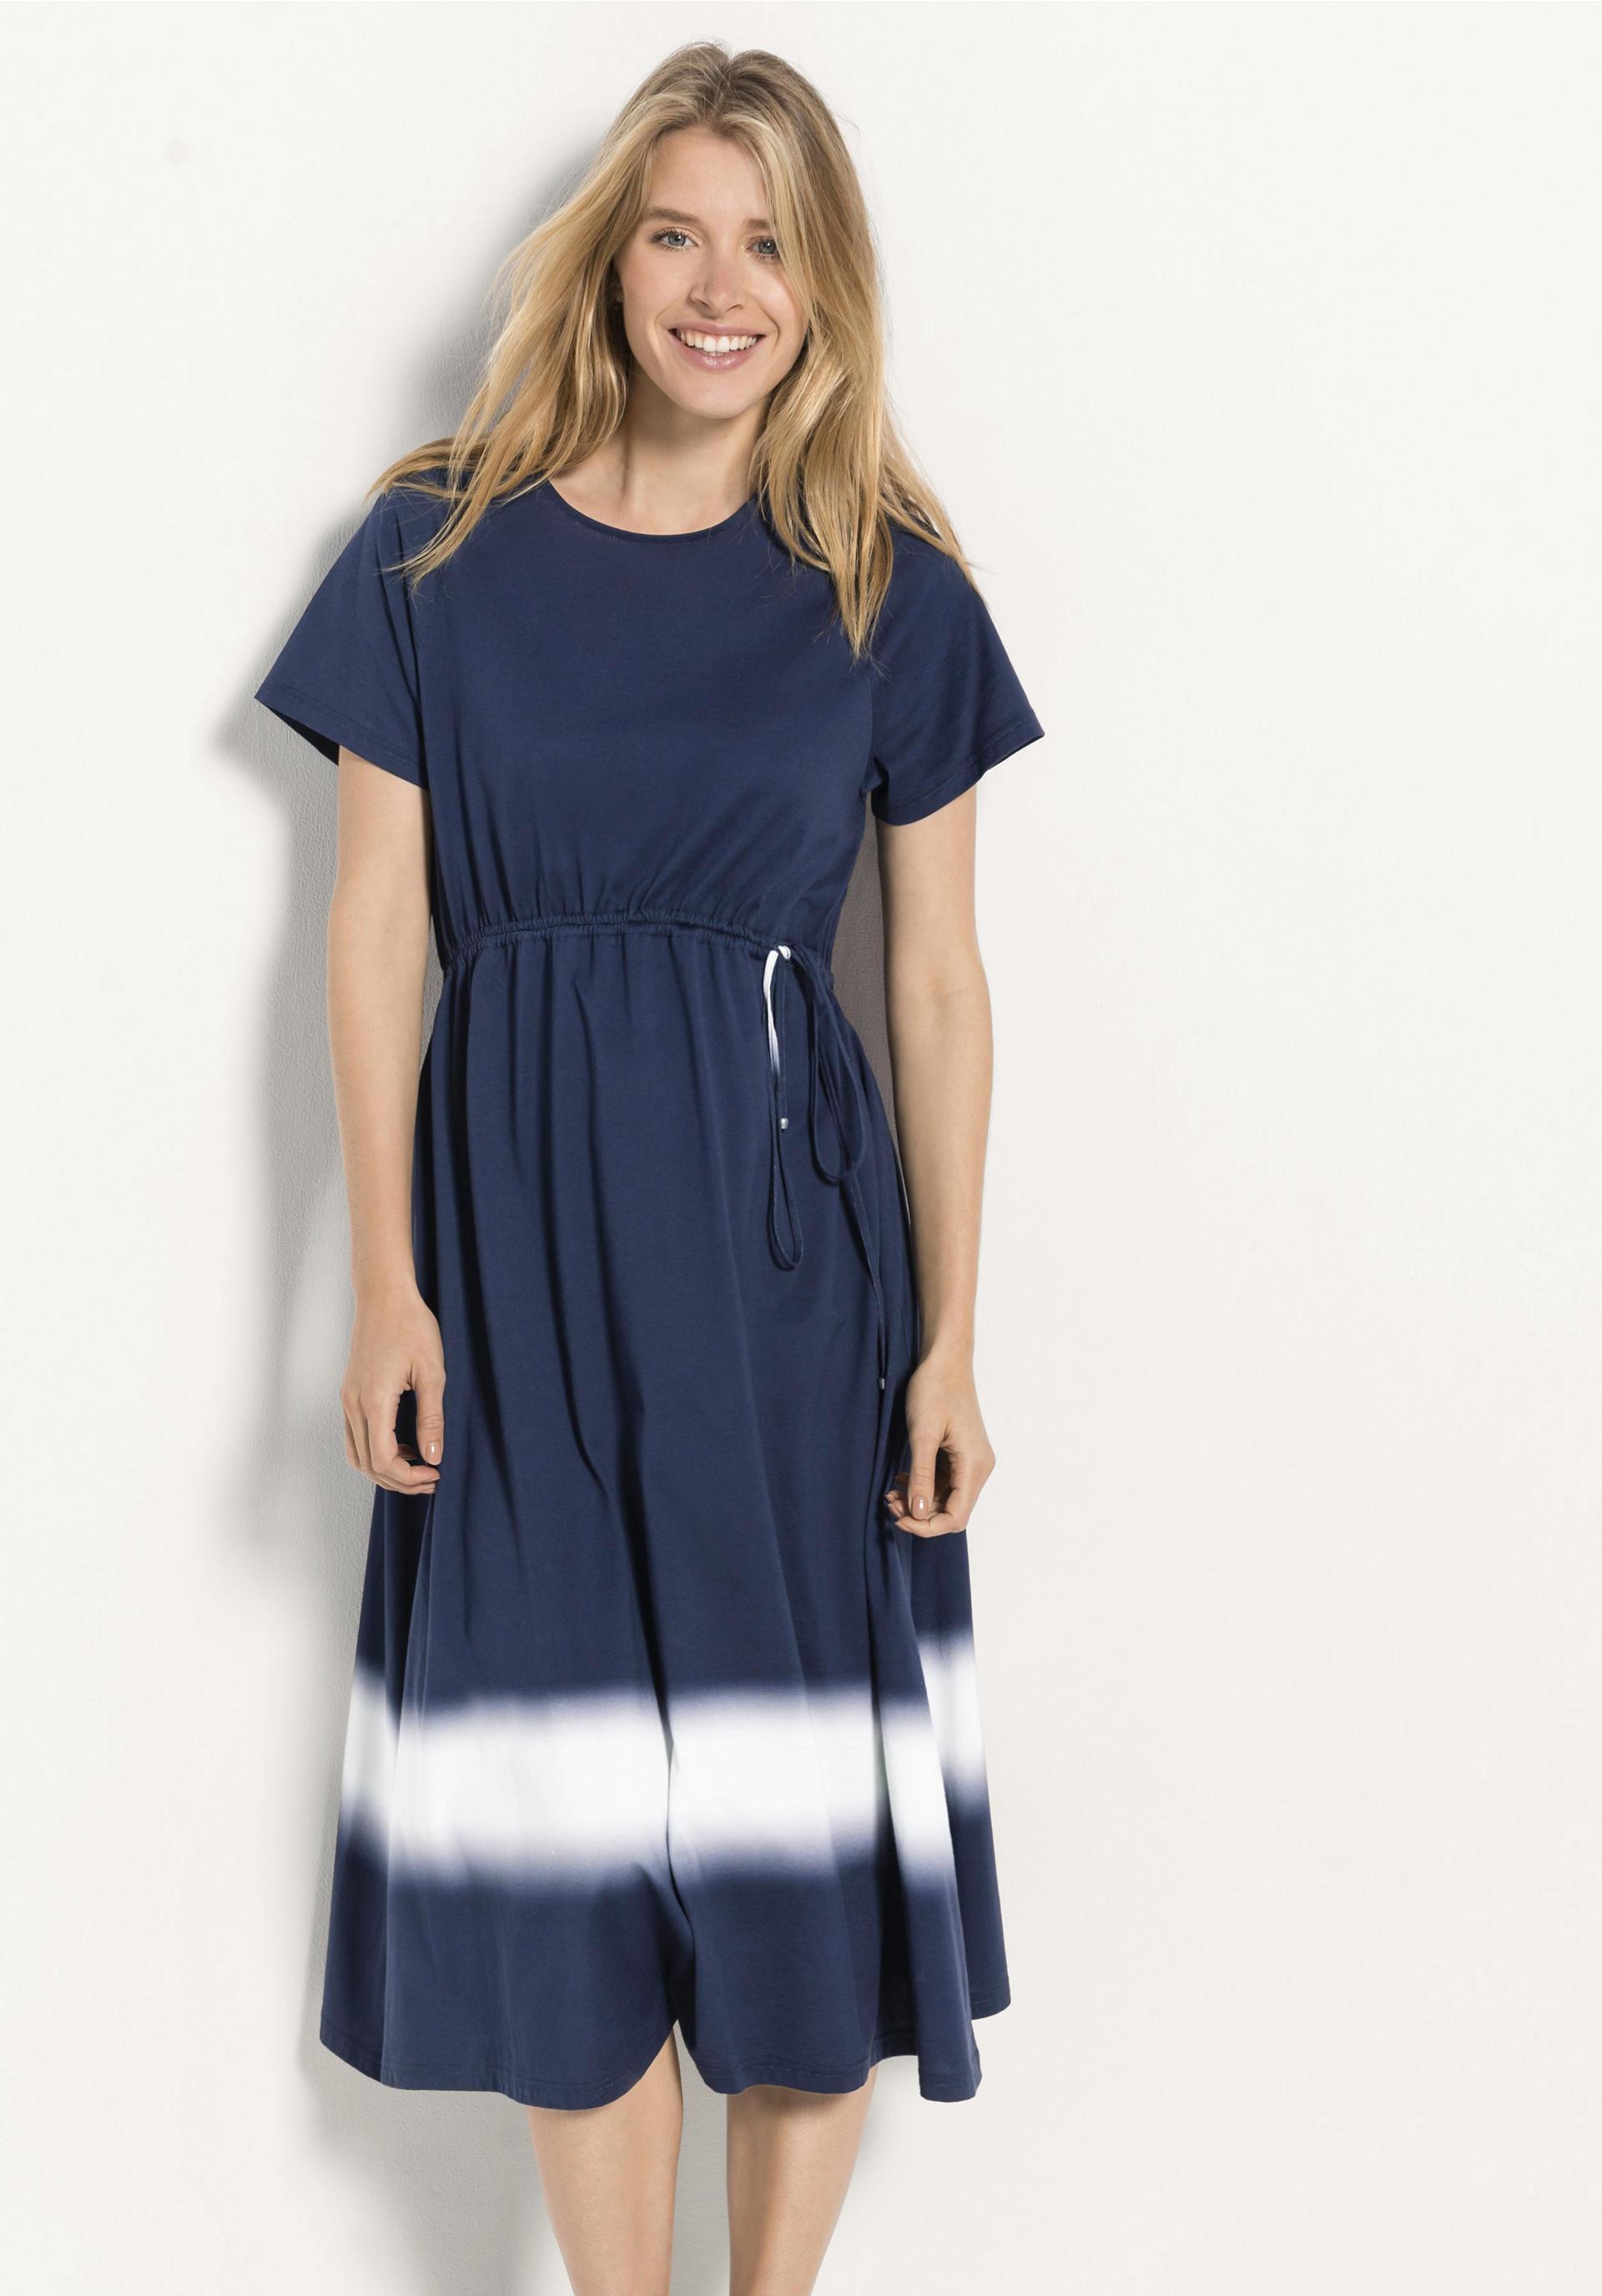 Jersey-Kleid aus reiner Bio-Baumwolle - hessnatur Deutschland